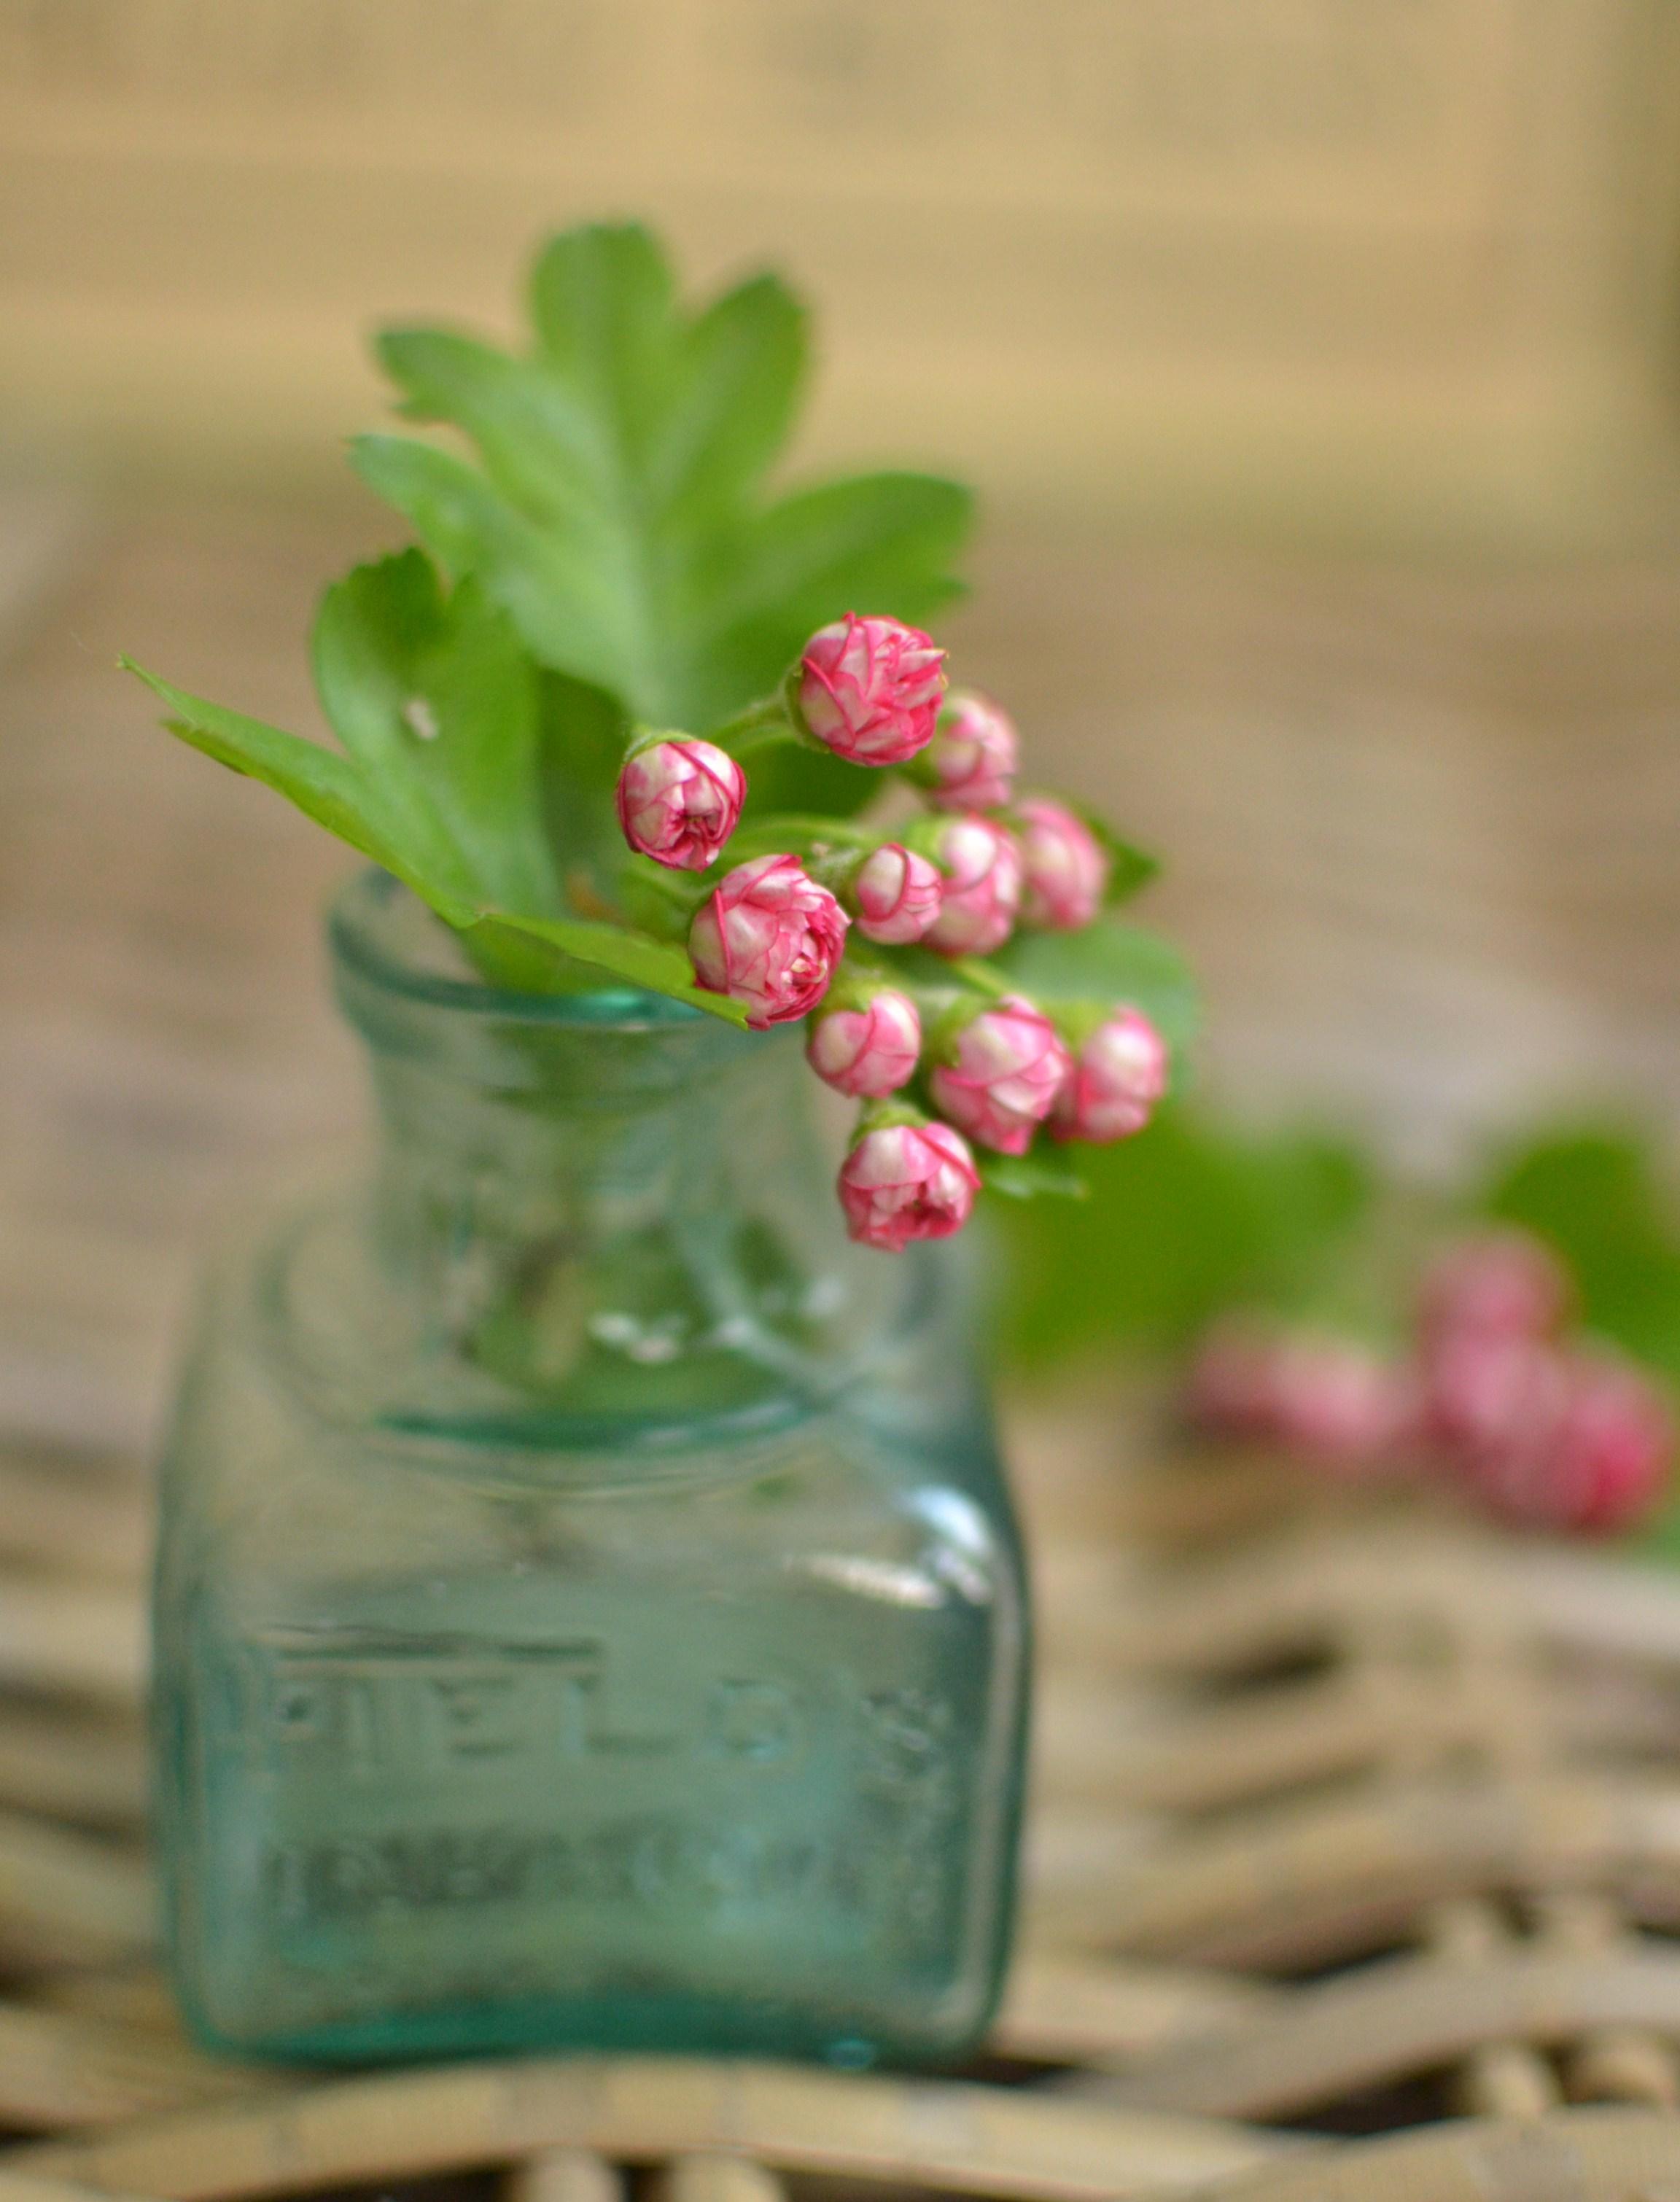 pink hawthorn blossom in vintage ink bottle